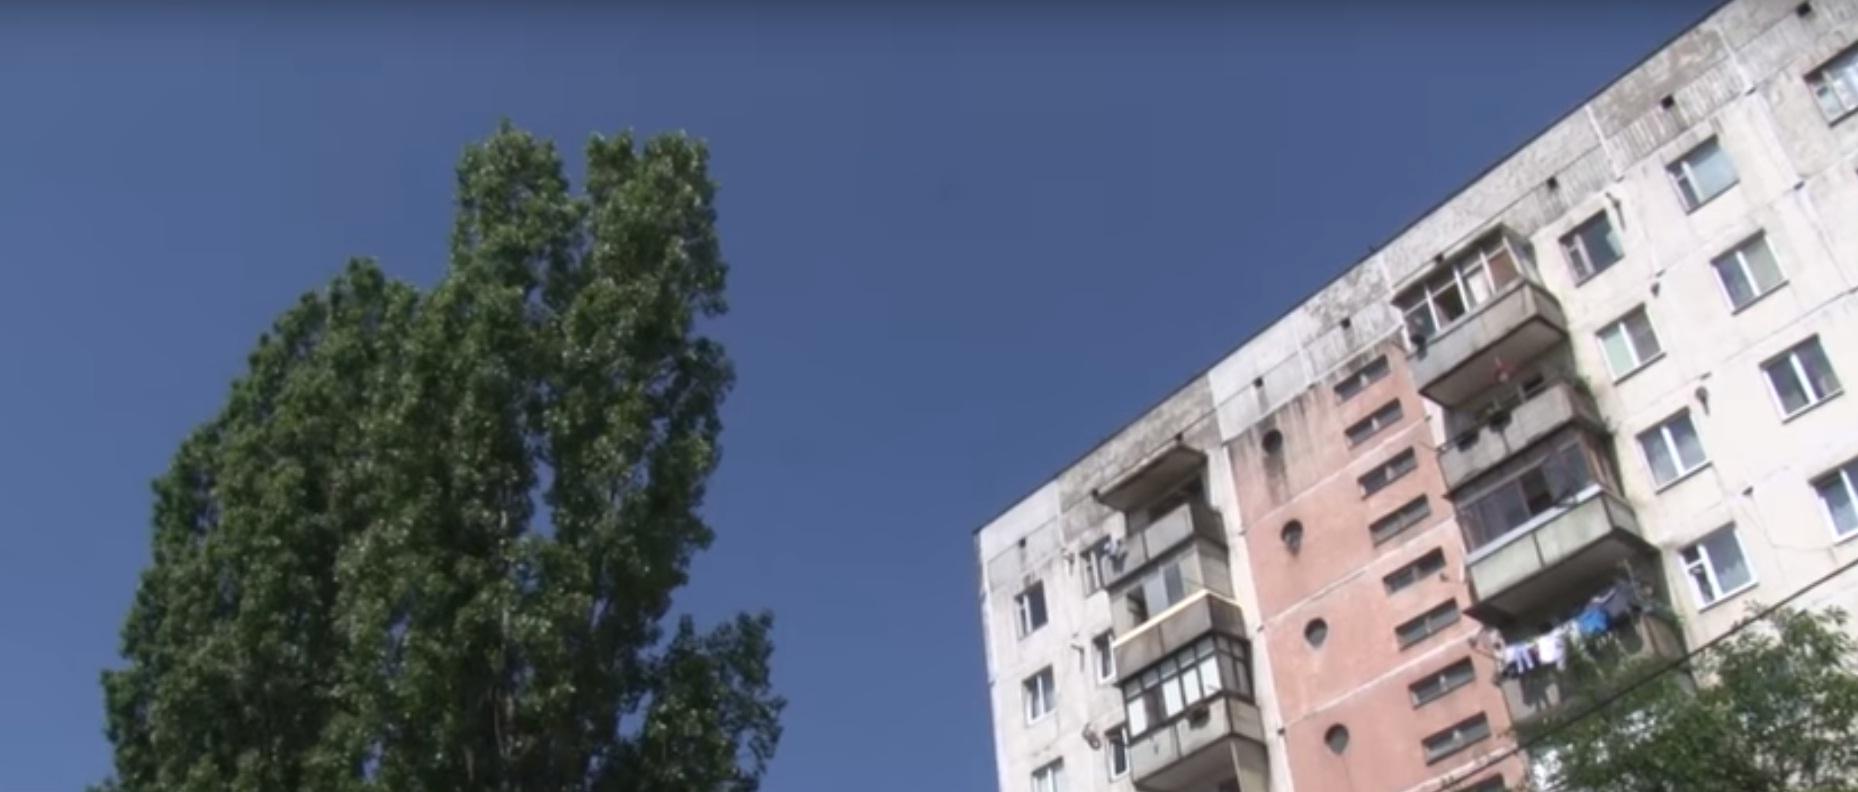 Мешканці ужгородських багатоповерхівок скаржаться на тополі, коріння яких руйнують покриття та комунікації